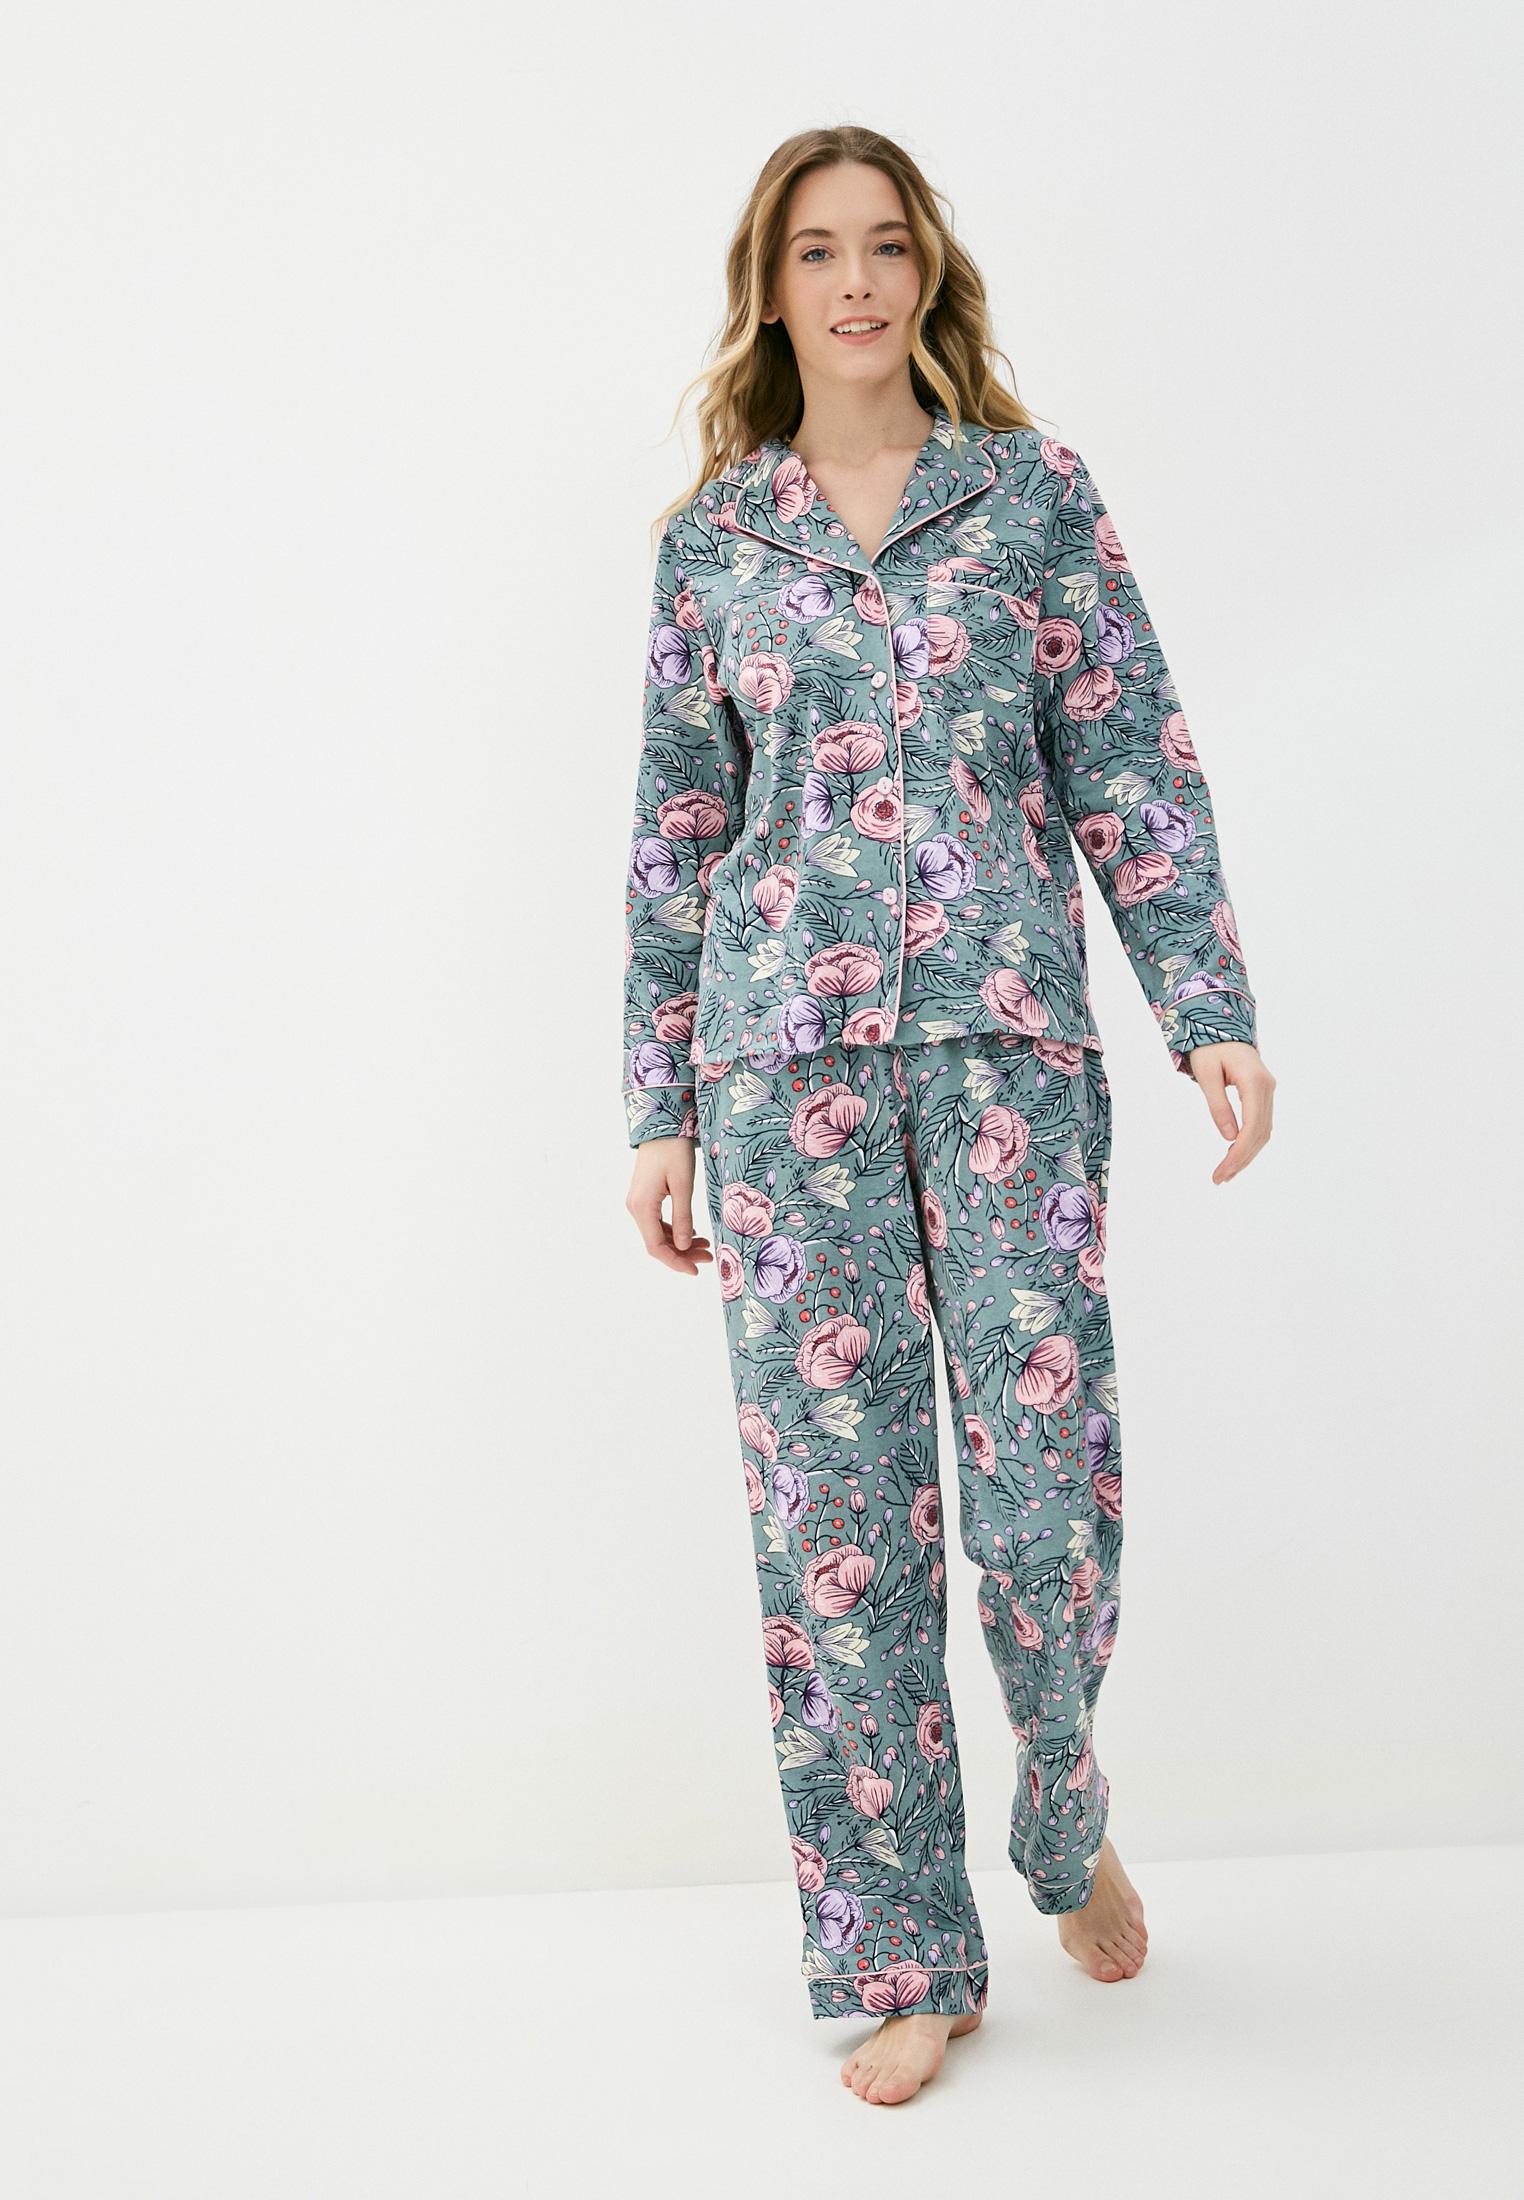 Женское белье и одежда для дома Dansanti ДК541: изображение 1